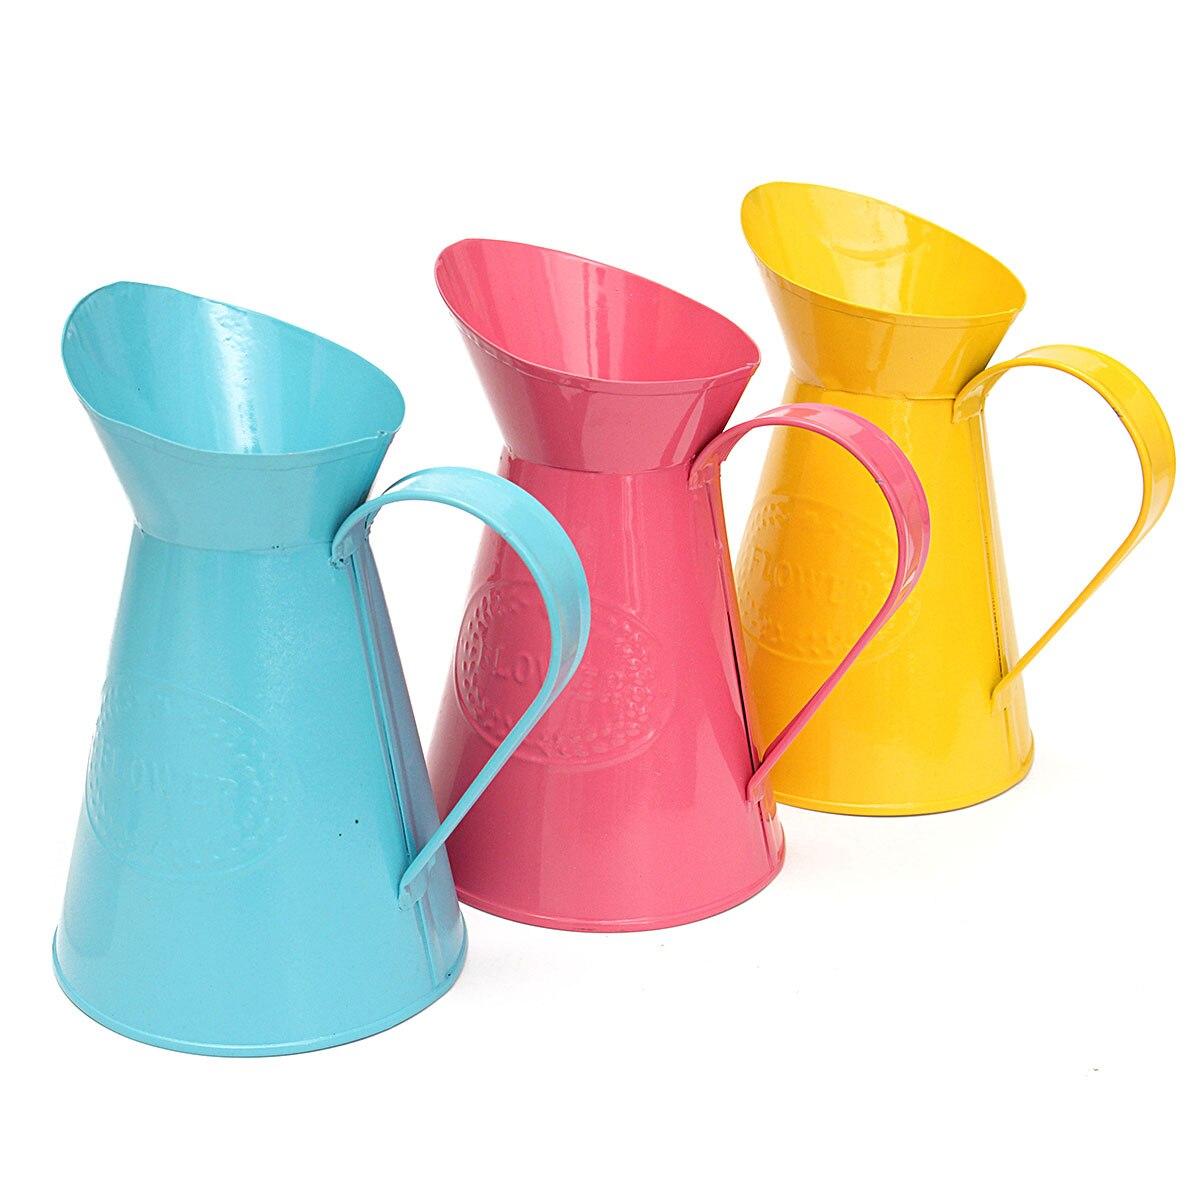 Online toptan alım yapın süt sürahi vazo Çin'den s&uuml ...